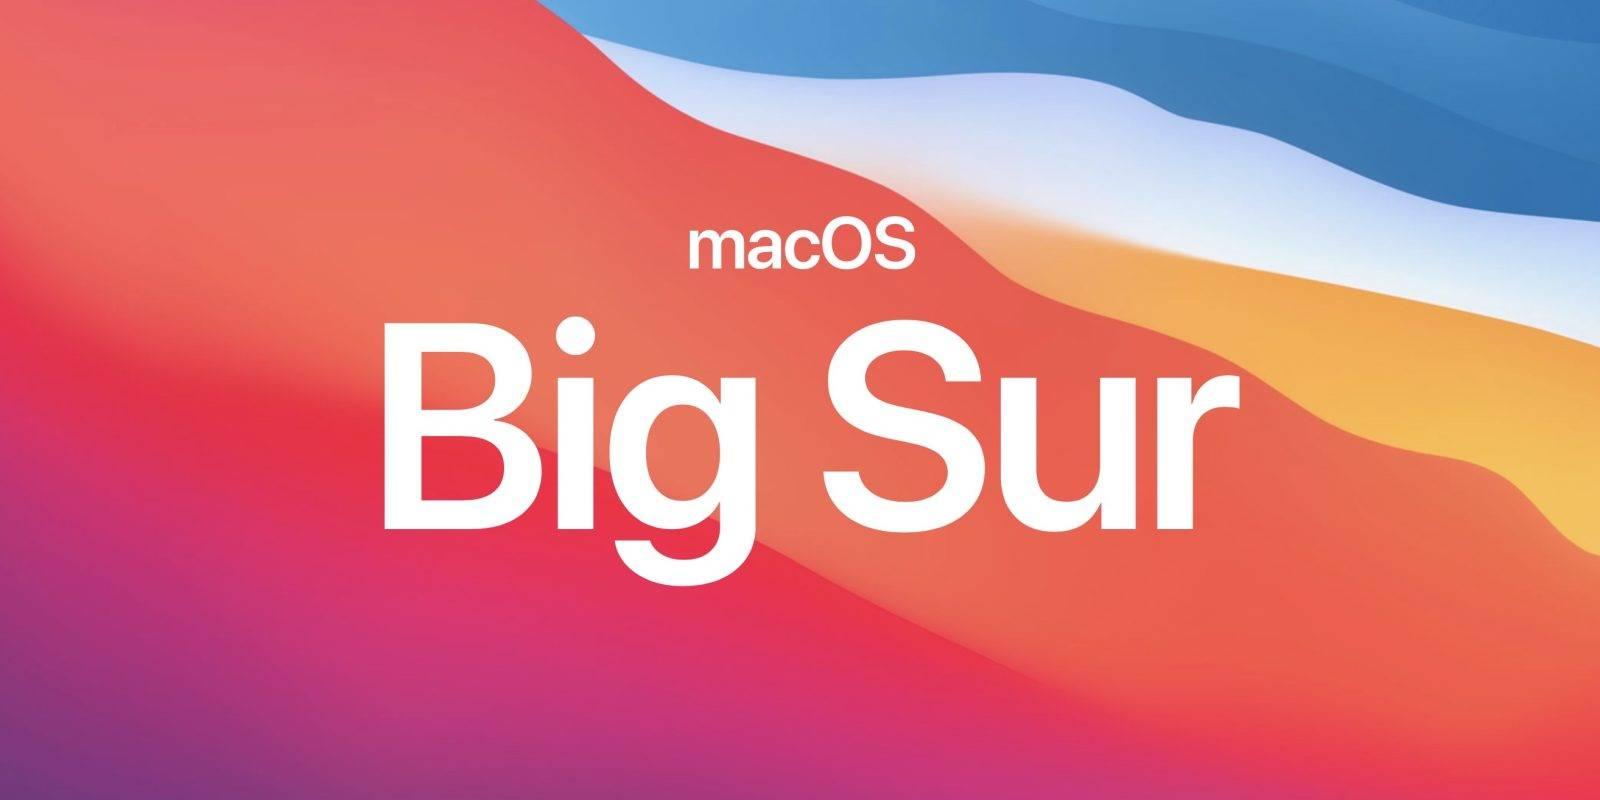 mac-how-to-install-macos-big-sur-beta